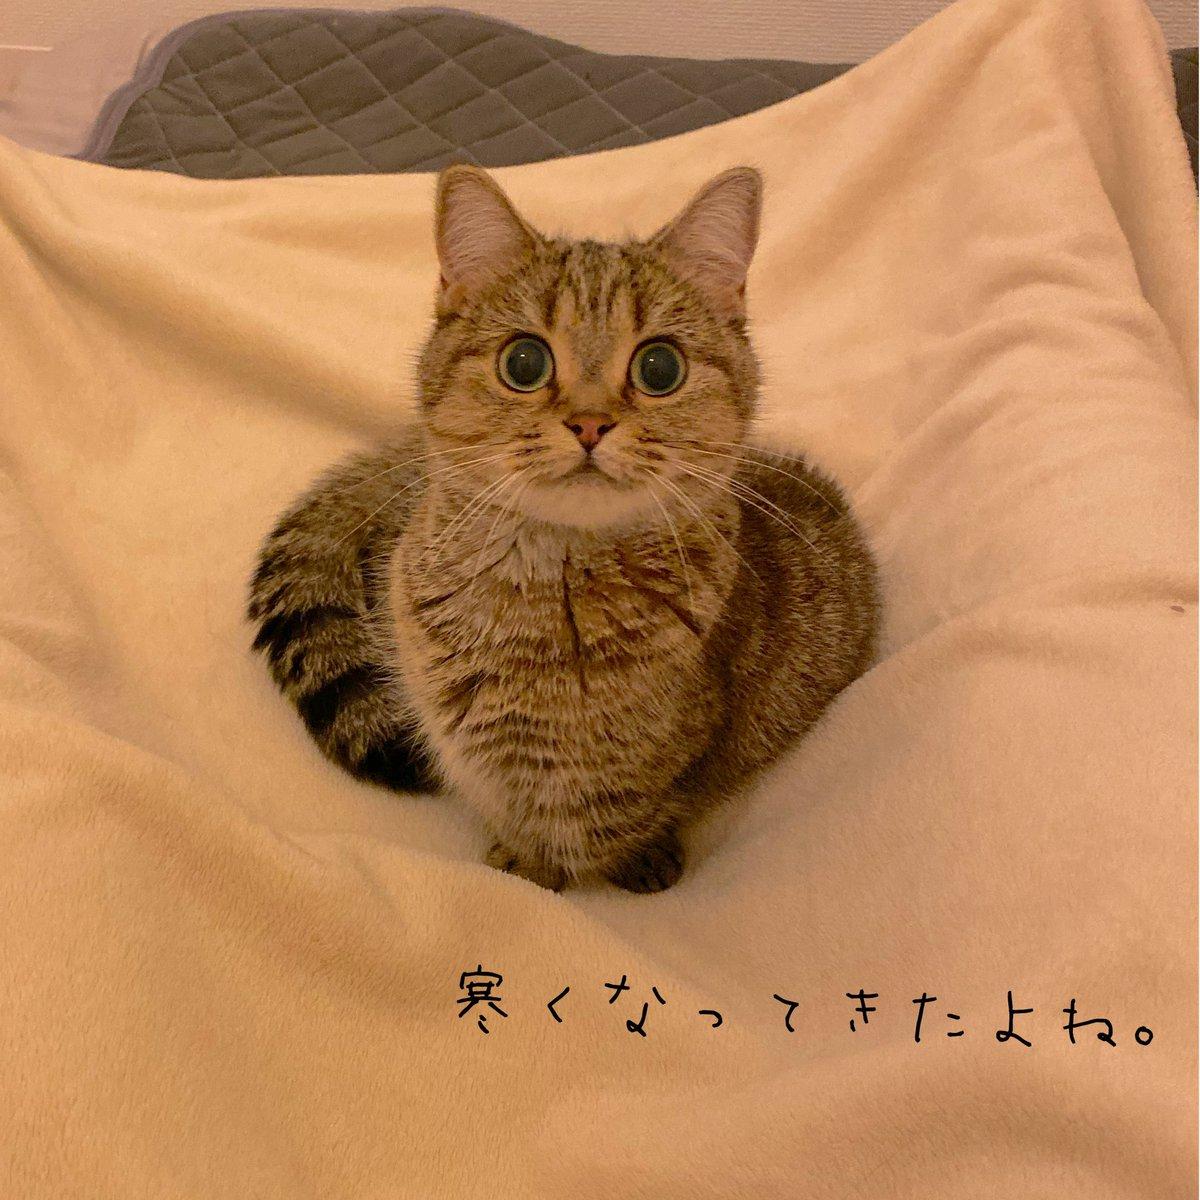 毛布を掛けて足を広げて待っていると、きなこが座ってくれる季節になりました^^